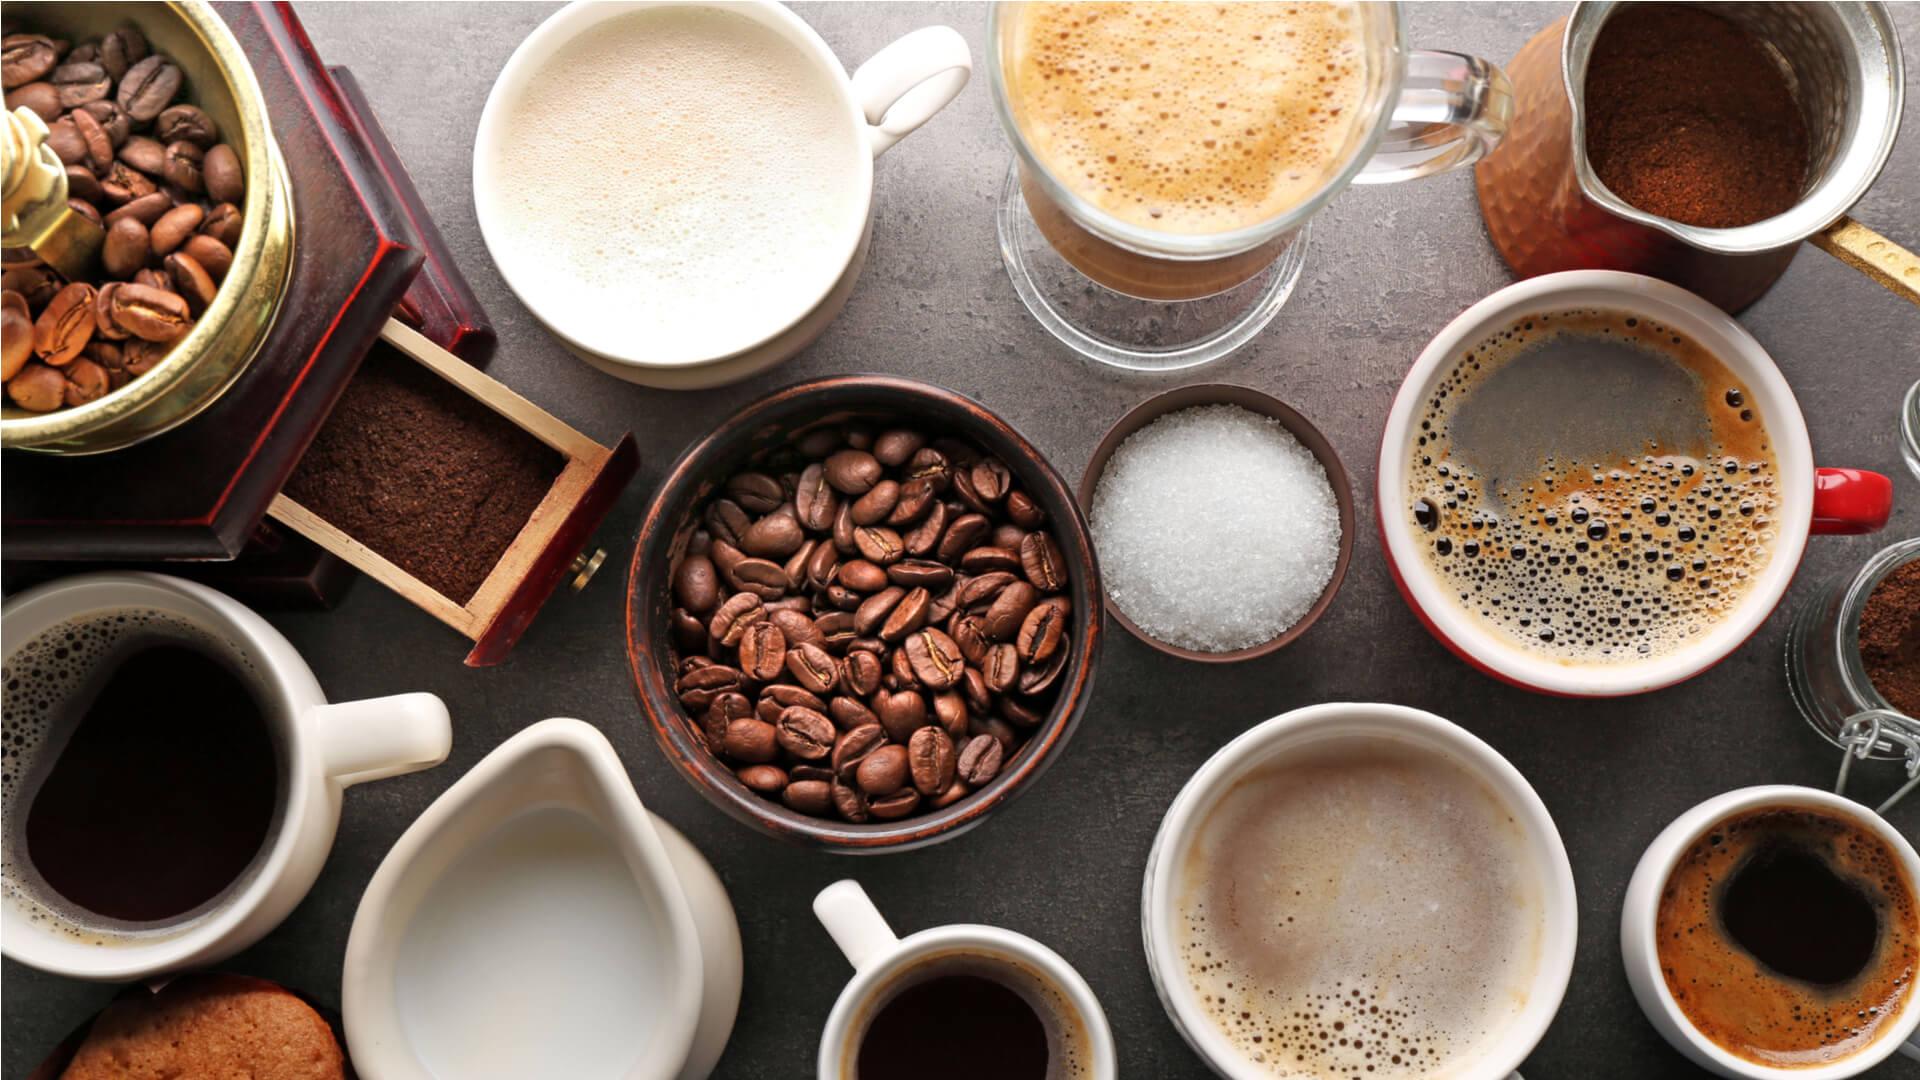 O zi buna incepe cu o cafea buna la cafetiera Heinner 5